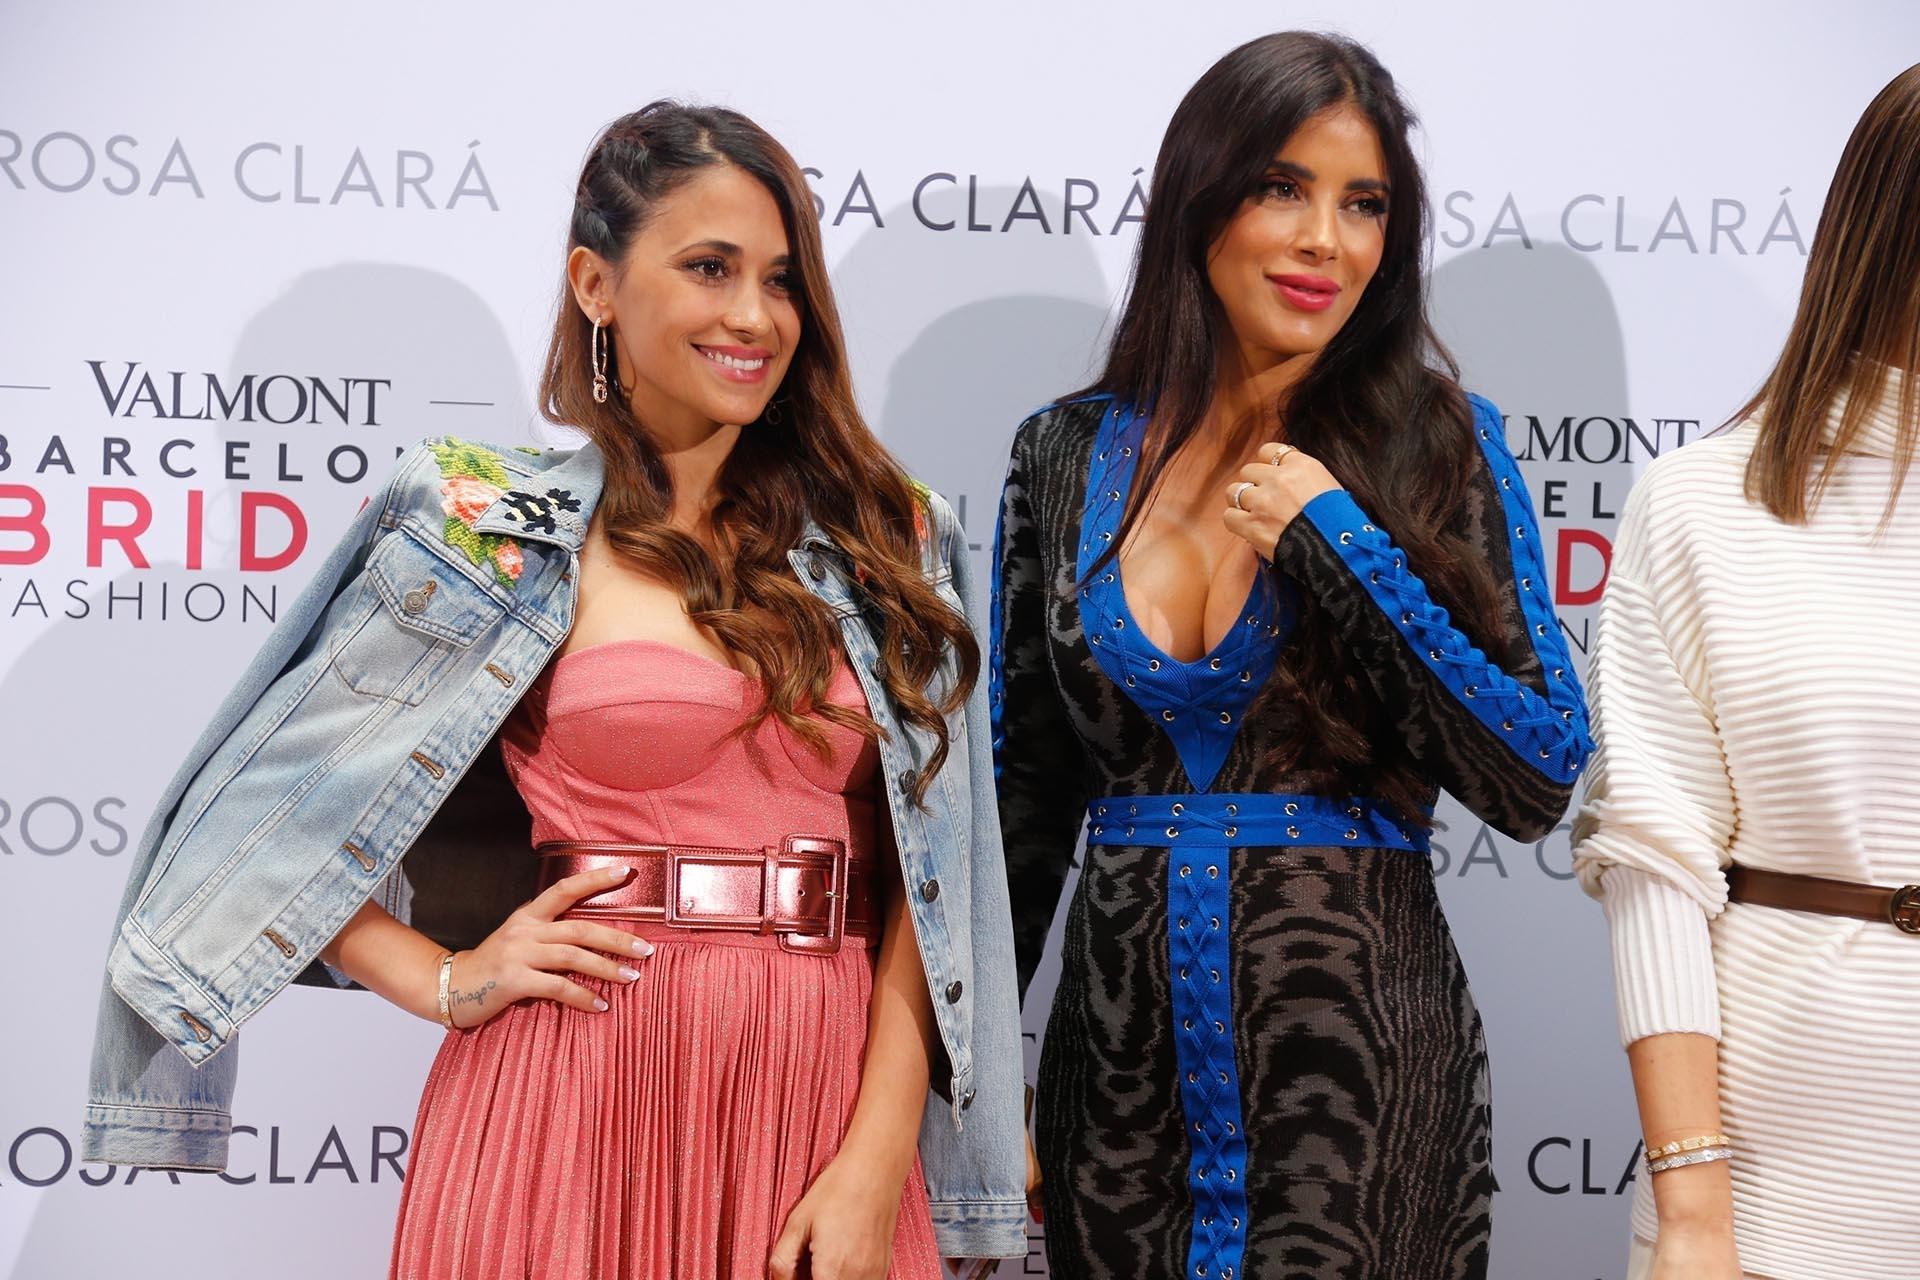 """""""Bridal Week Barcelona. Un año mas acompañando a Rosa Clara"""", escribió Roccuzzo en las redes sociales"""